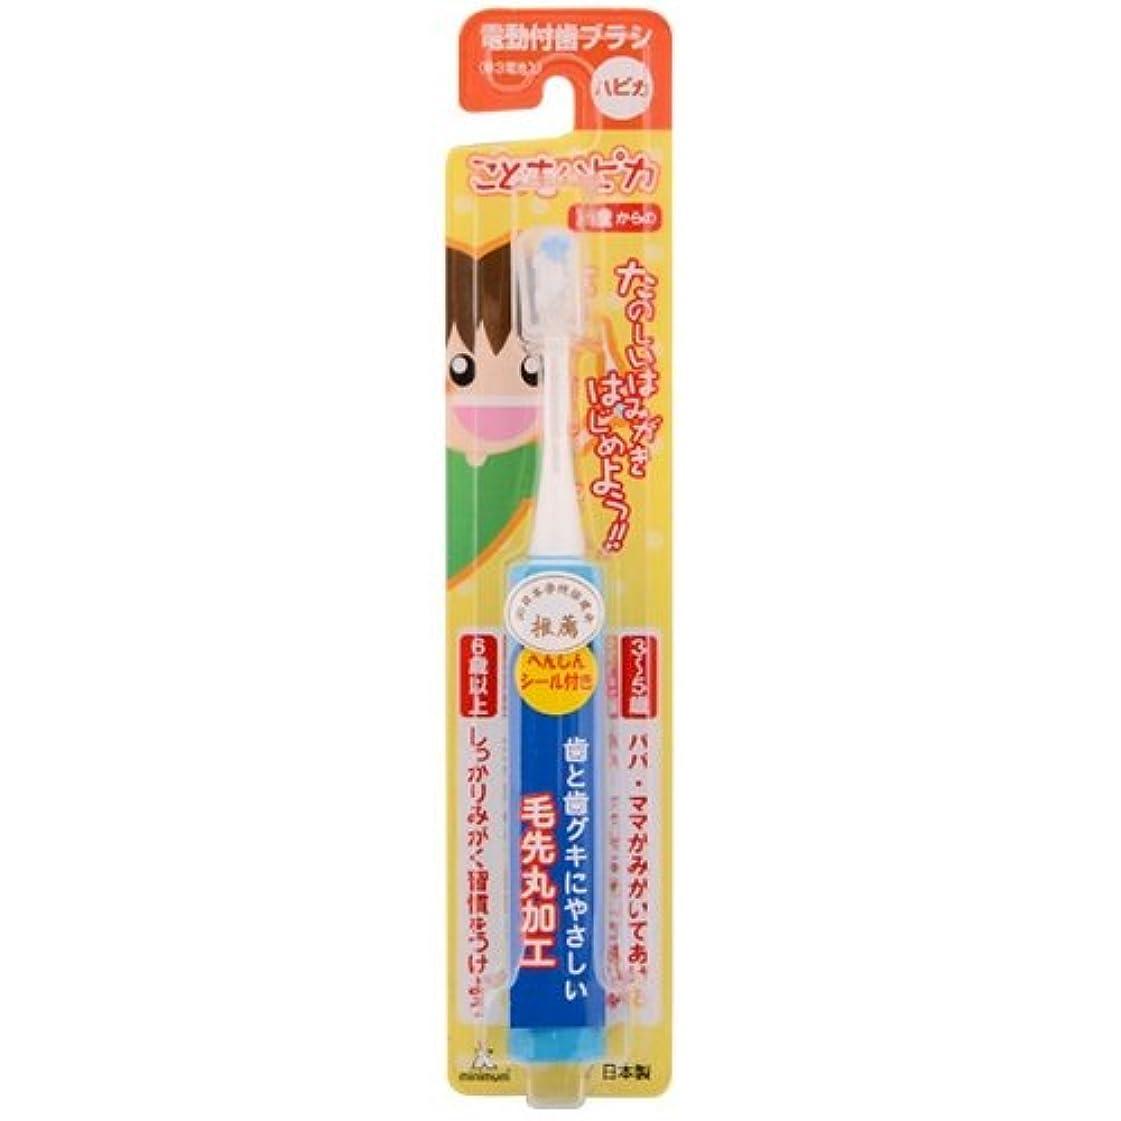 優しい証書内訳ミニマム 電動付歯ブラシ こどもハピカ ブルー 毛の硬さ:やわらかめ DBK-1B(BP)